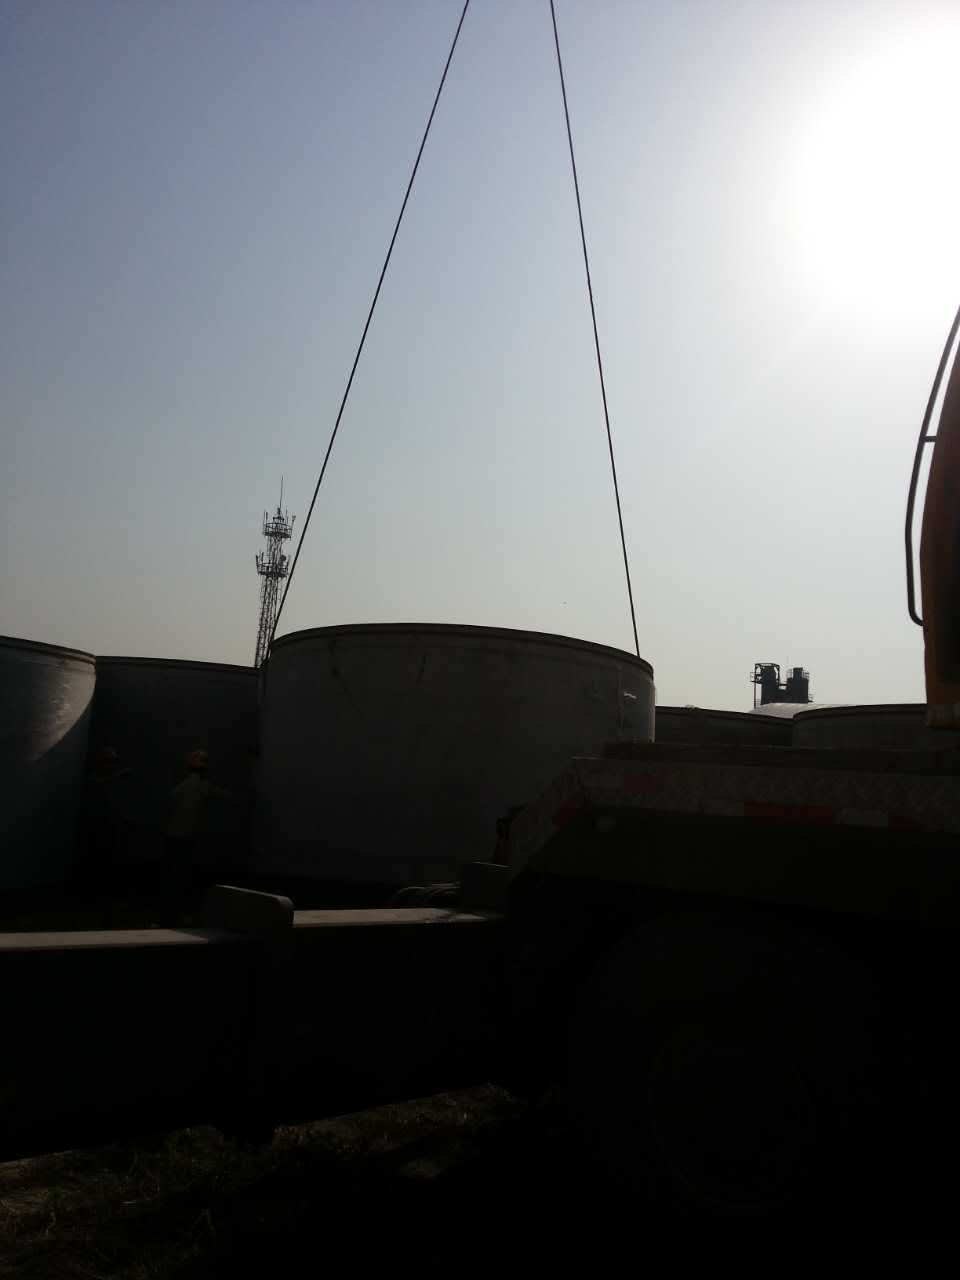 西安吊车租赁永安吊装进行4米直径水泥管下井吊装